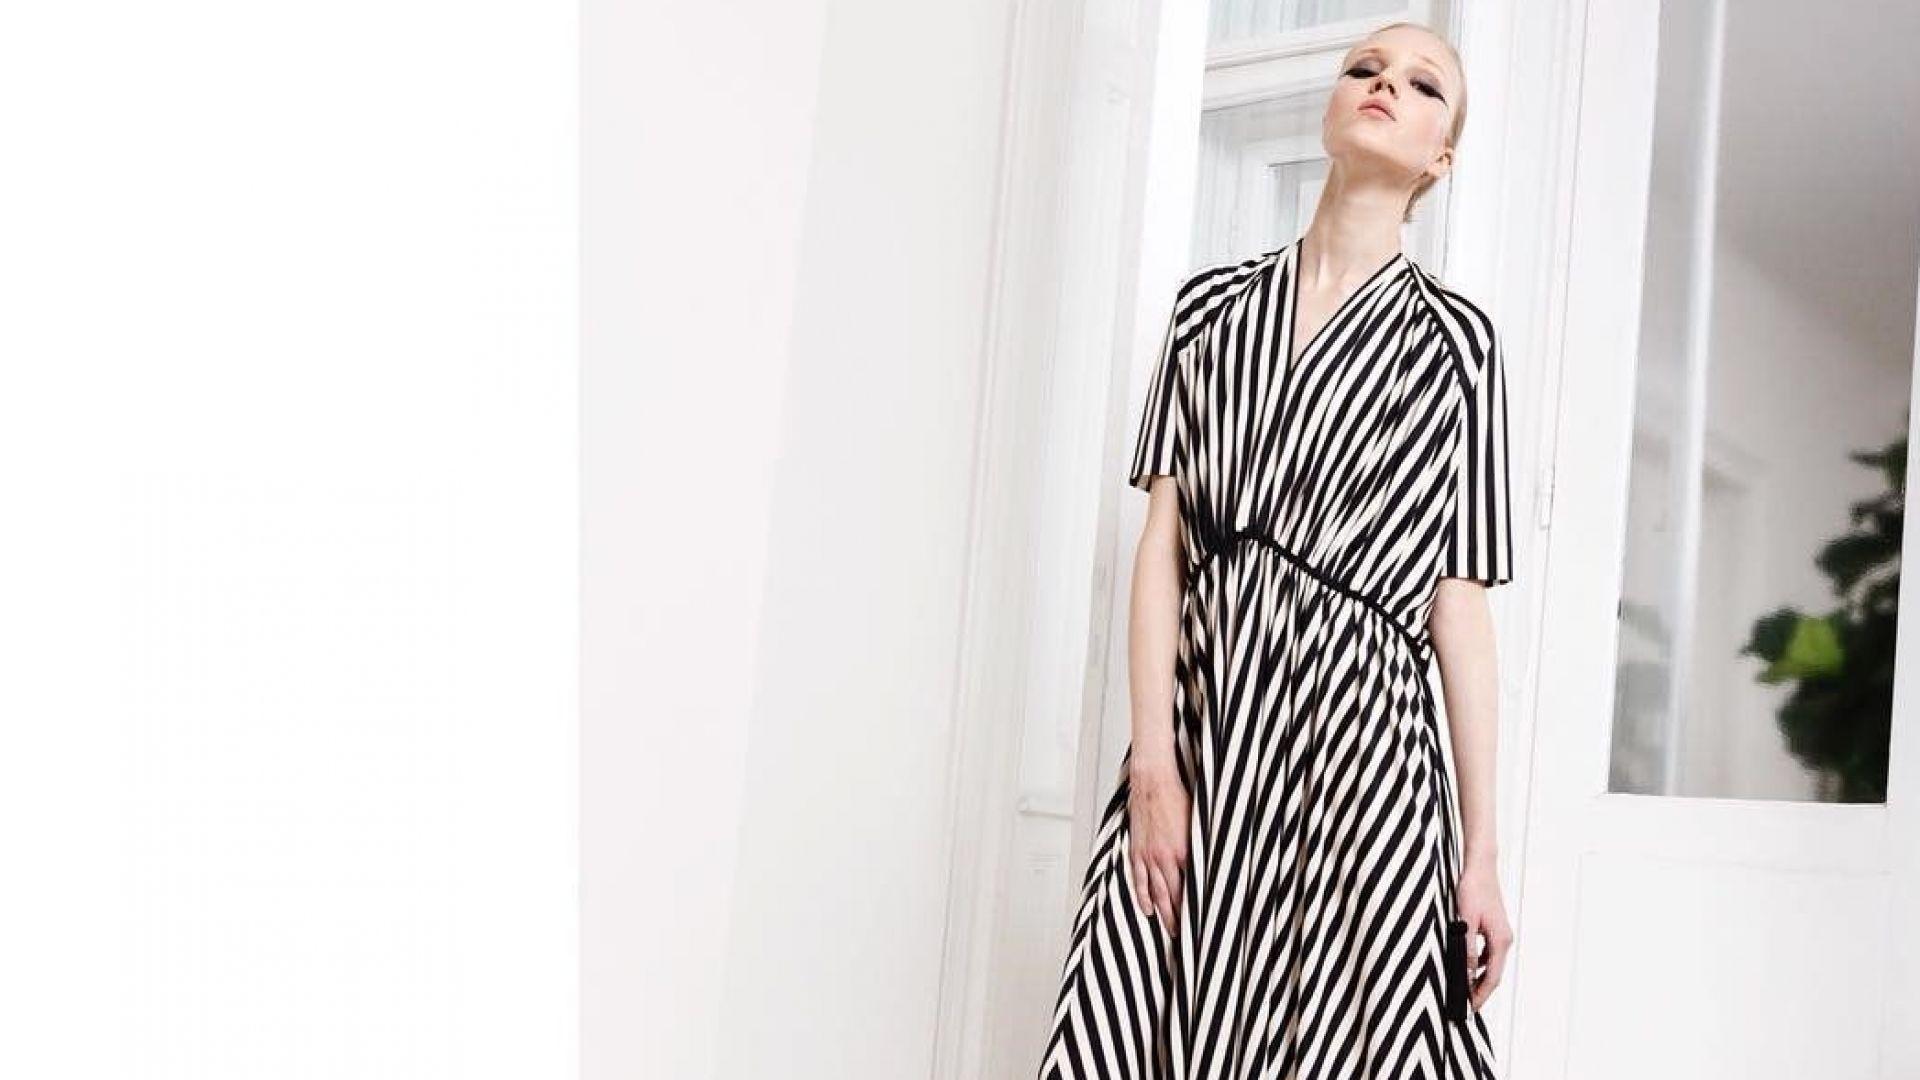 Български  дизайнер привлече вниманието на Vogue